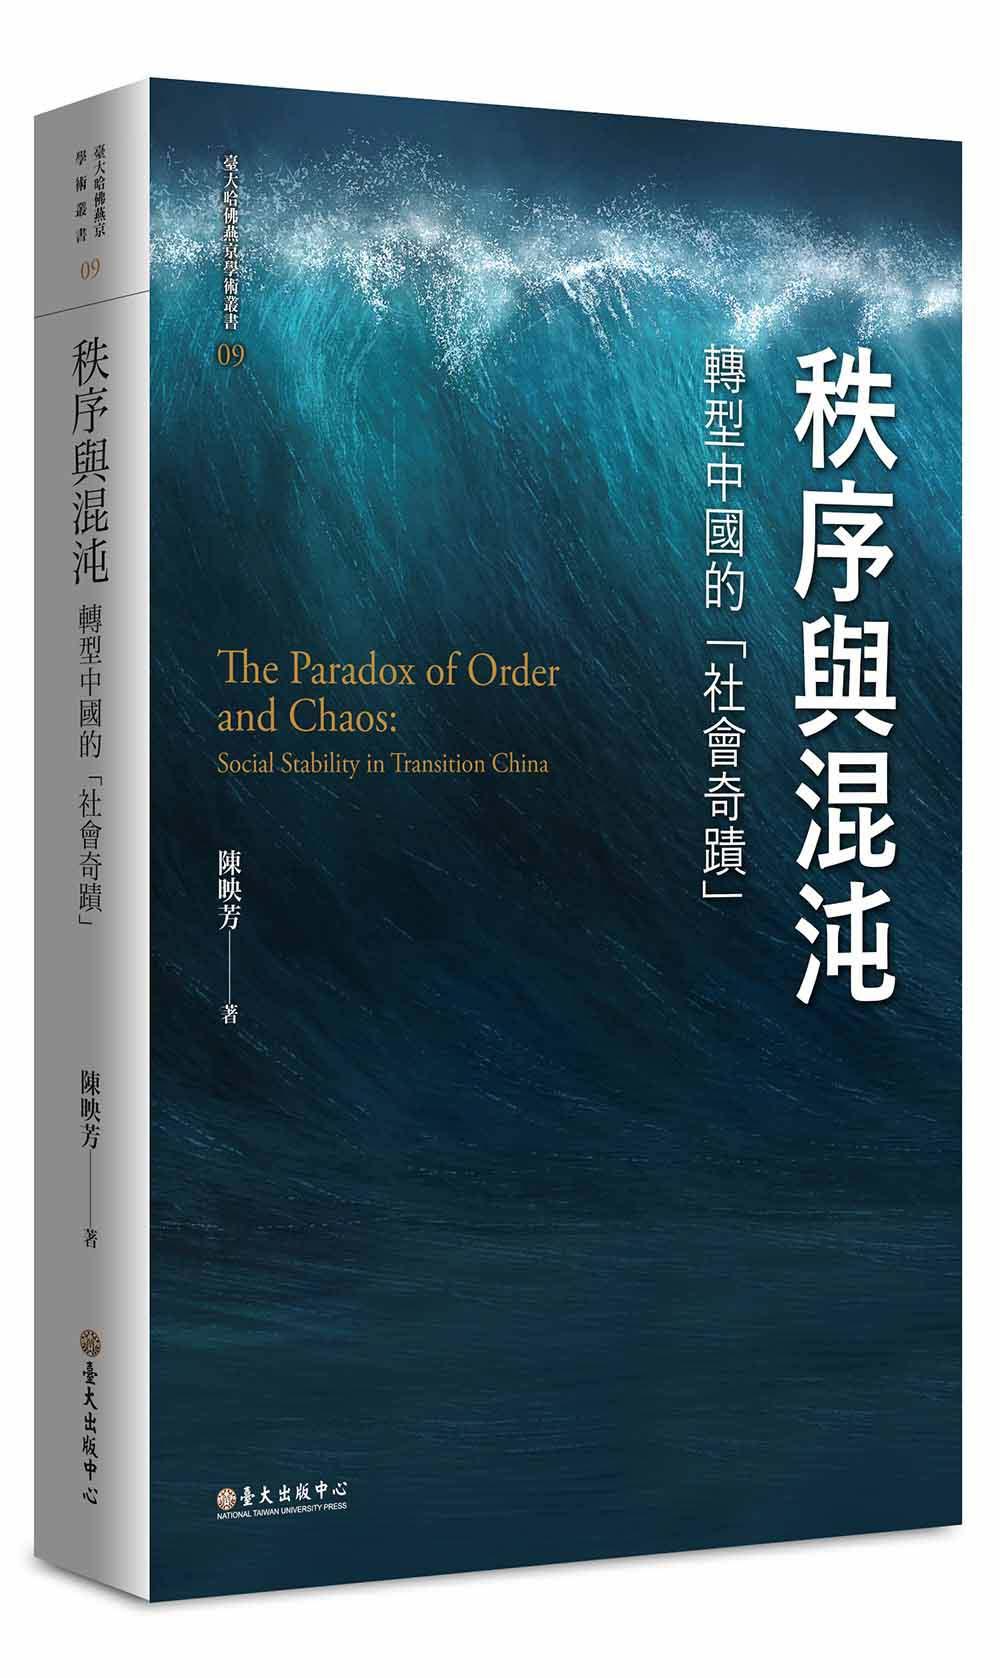 秩序與混沌──轉型中國的「社會奇蹟」(限量精裝版)